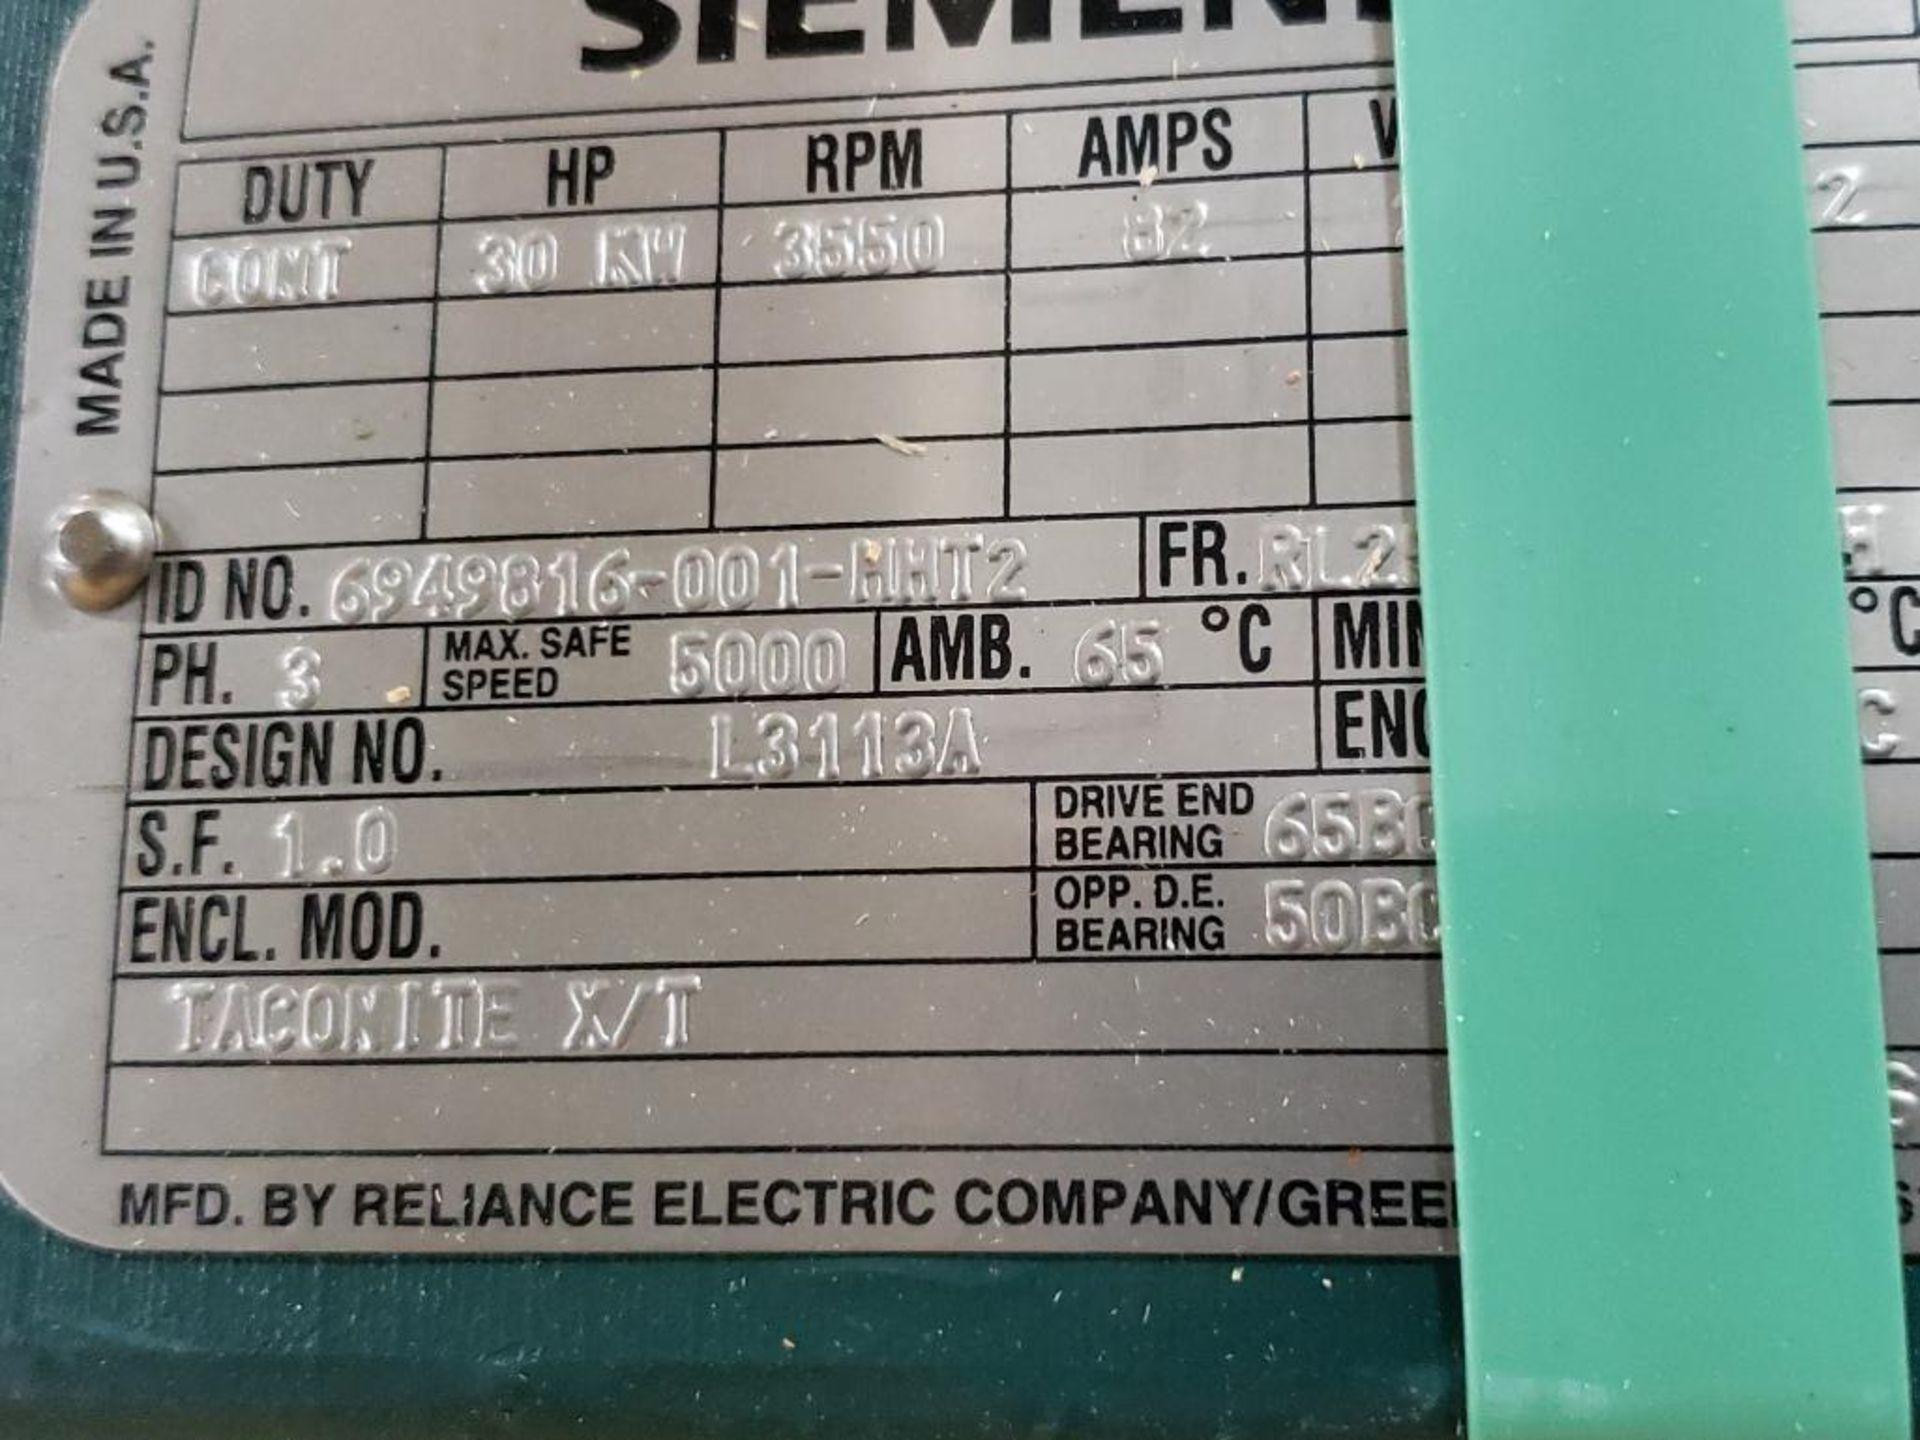 30kW Siemens 3PH Motor. 6949816-001-MHT2. 280V, 3550RM, RL2570Z-Frame. - Image 4 of 7